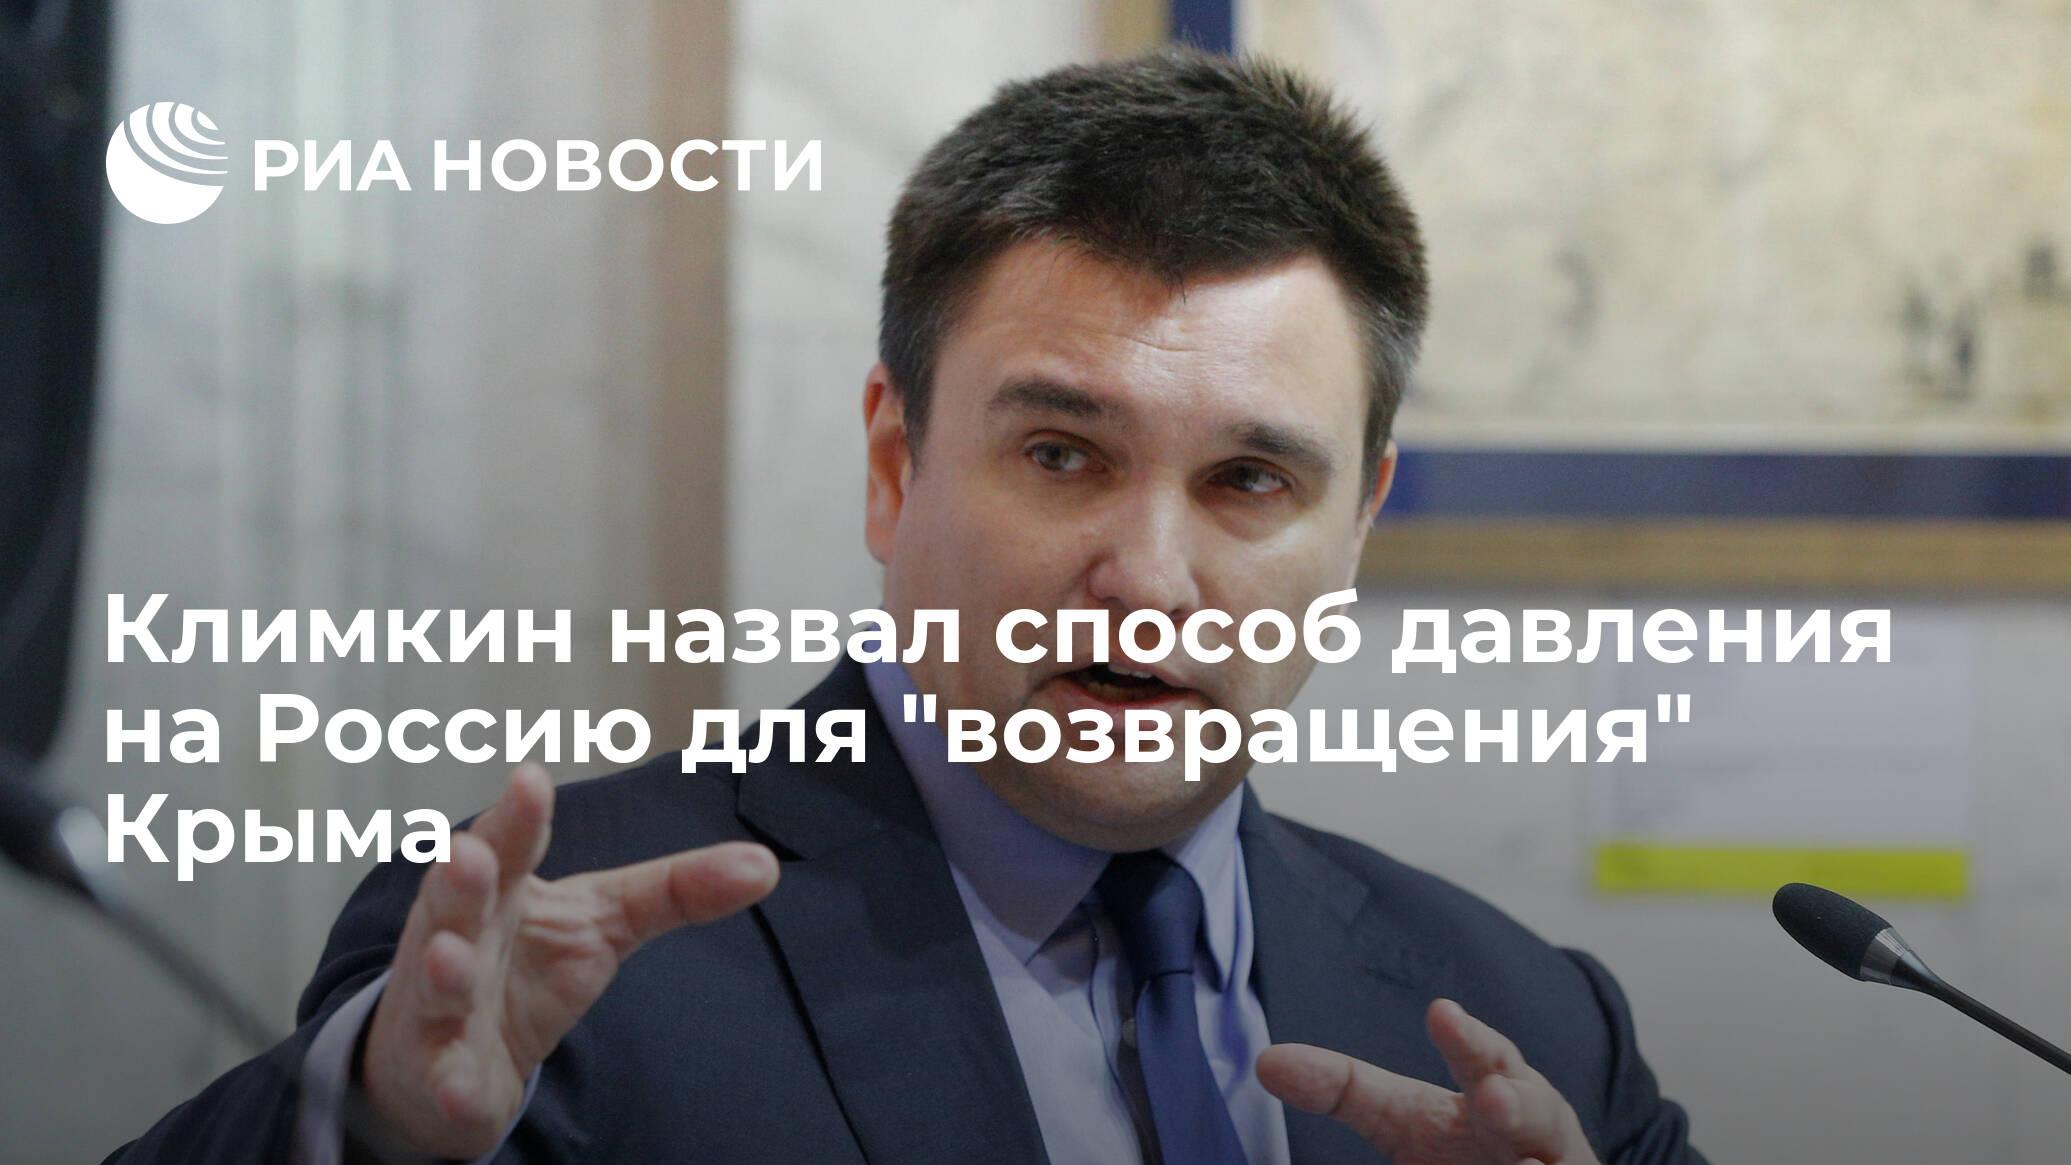 """Климкин назвал способ давления на Россию для """"возвращения"""" Крыма"""